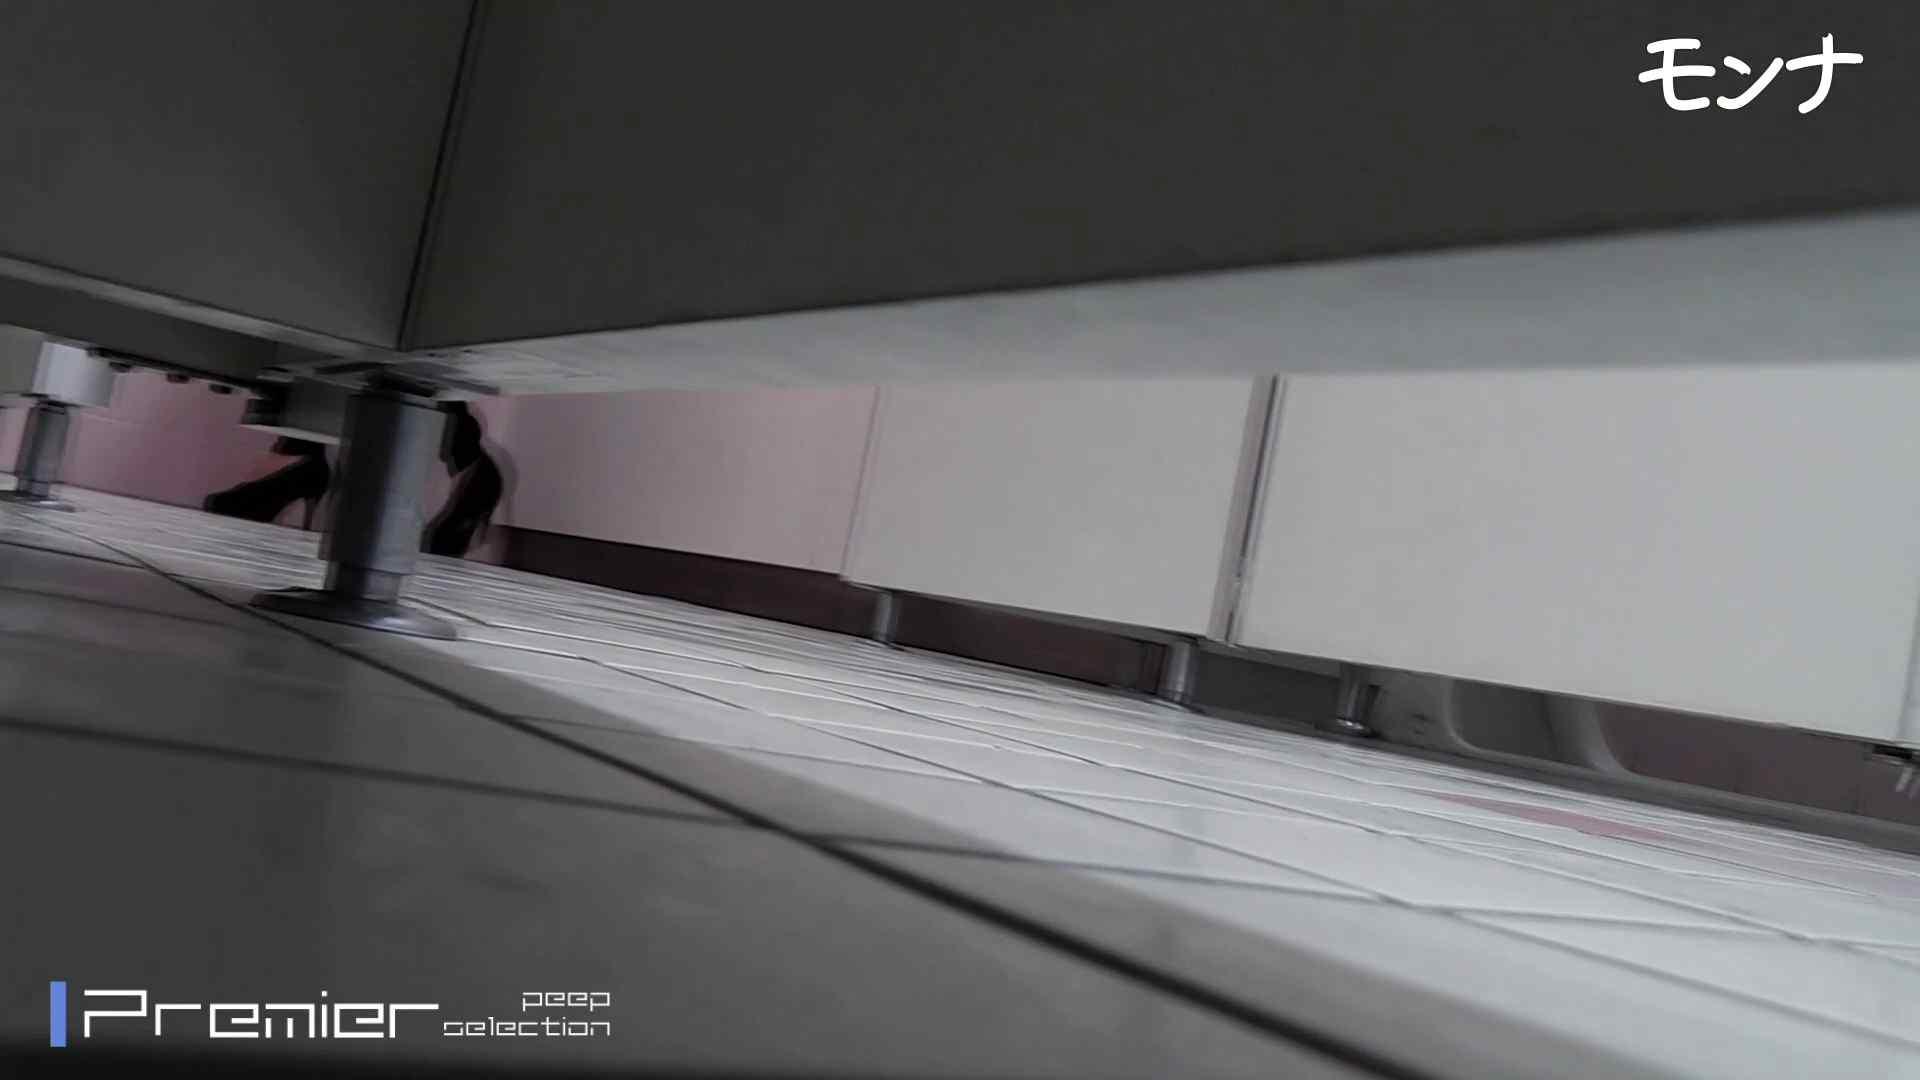 CM 悶絶シリーズ5 【美しい日本の未来 No.128】 細身女性 オメコ無修正動画無料 58画像 57